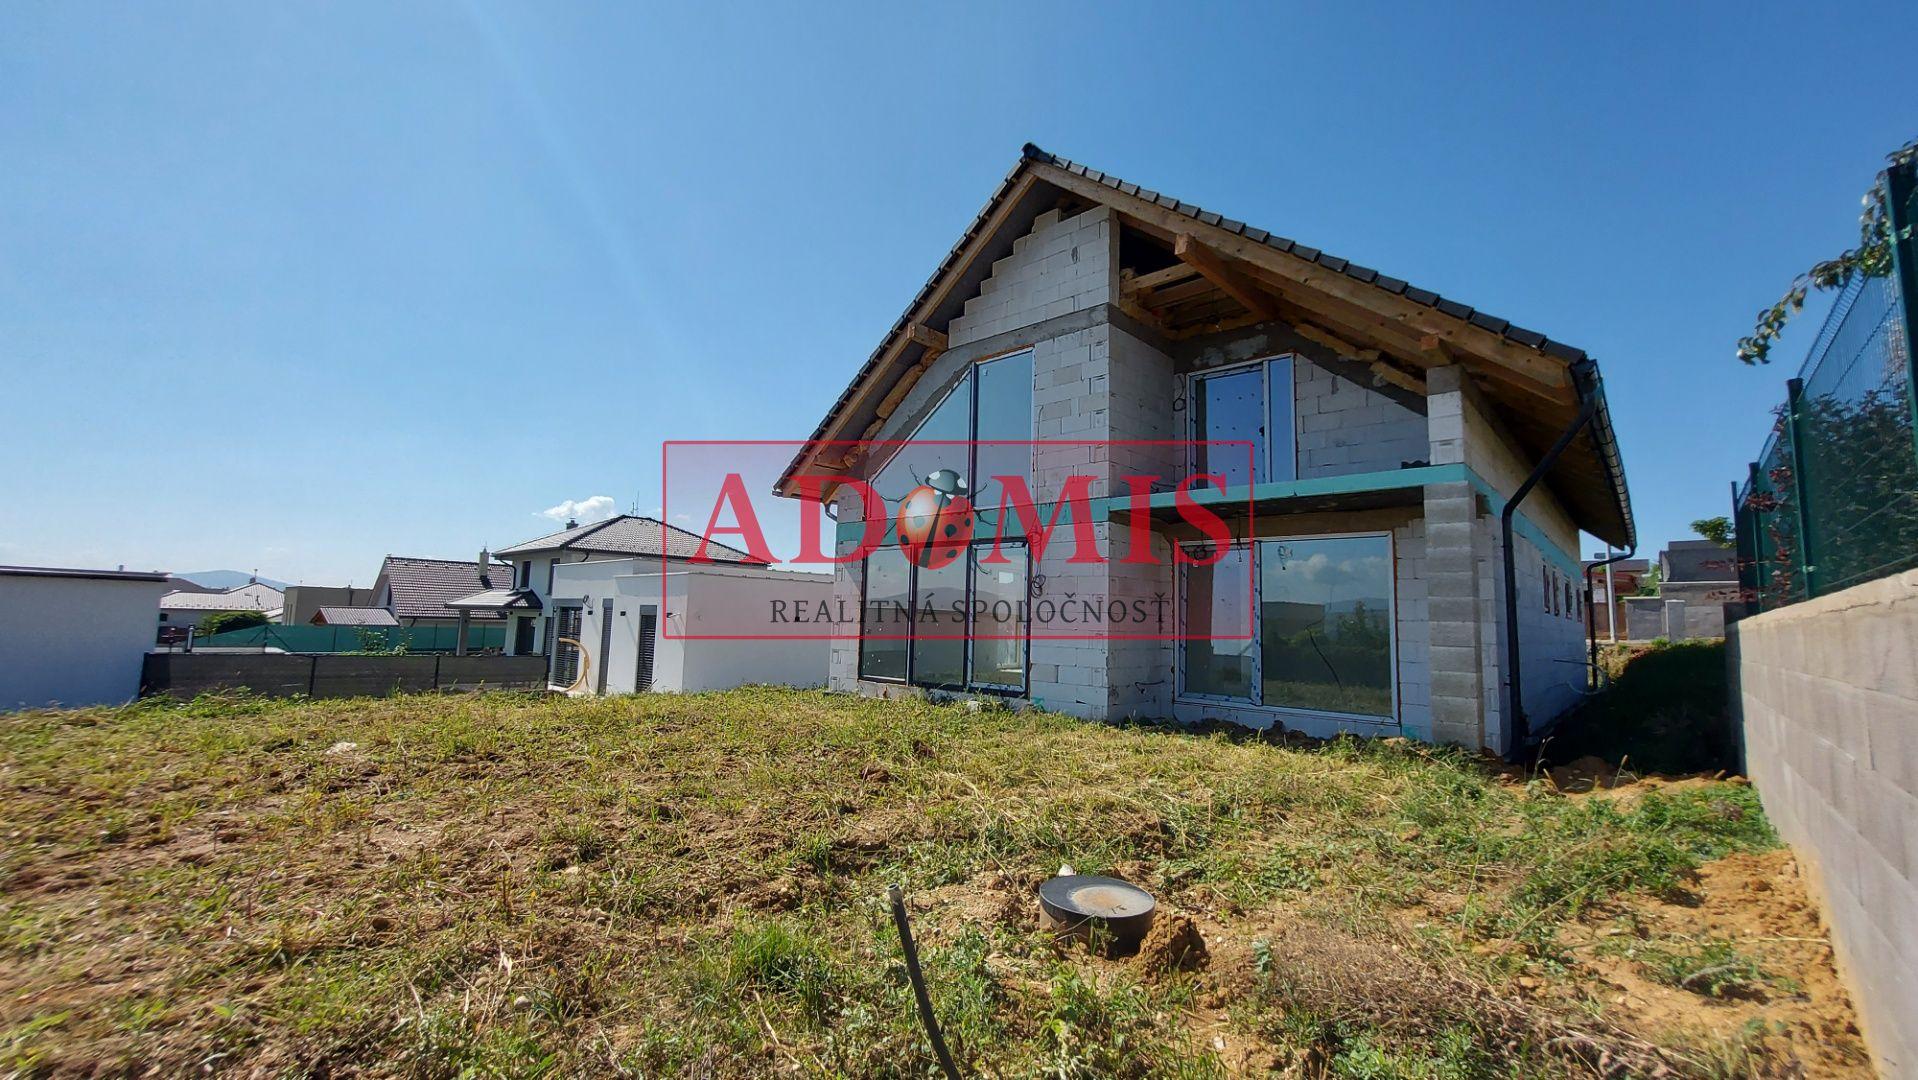 ADOMIS - Predám 6,5-izbový 2-podlažný dom, 745m2,kompletne dokončený,Vínna ulica, Košice - Krásna, NOVOSTAVBA